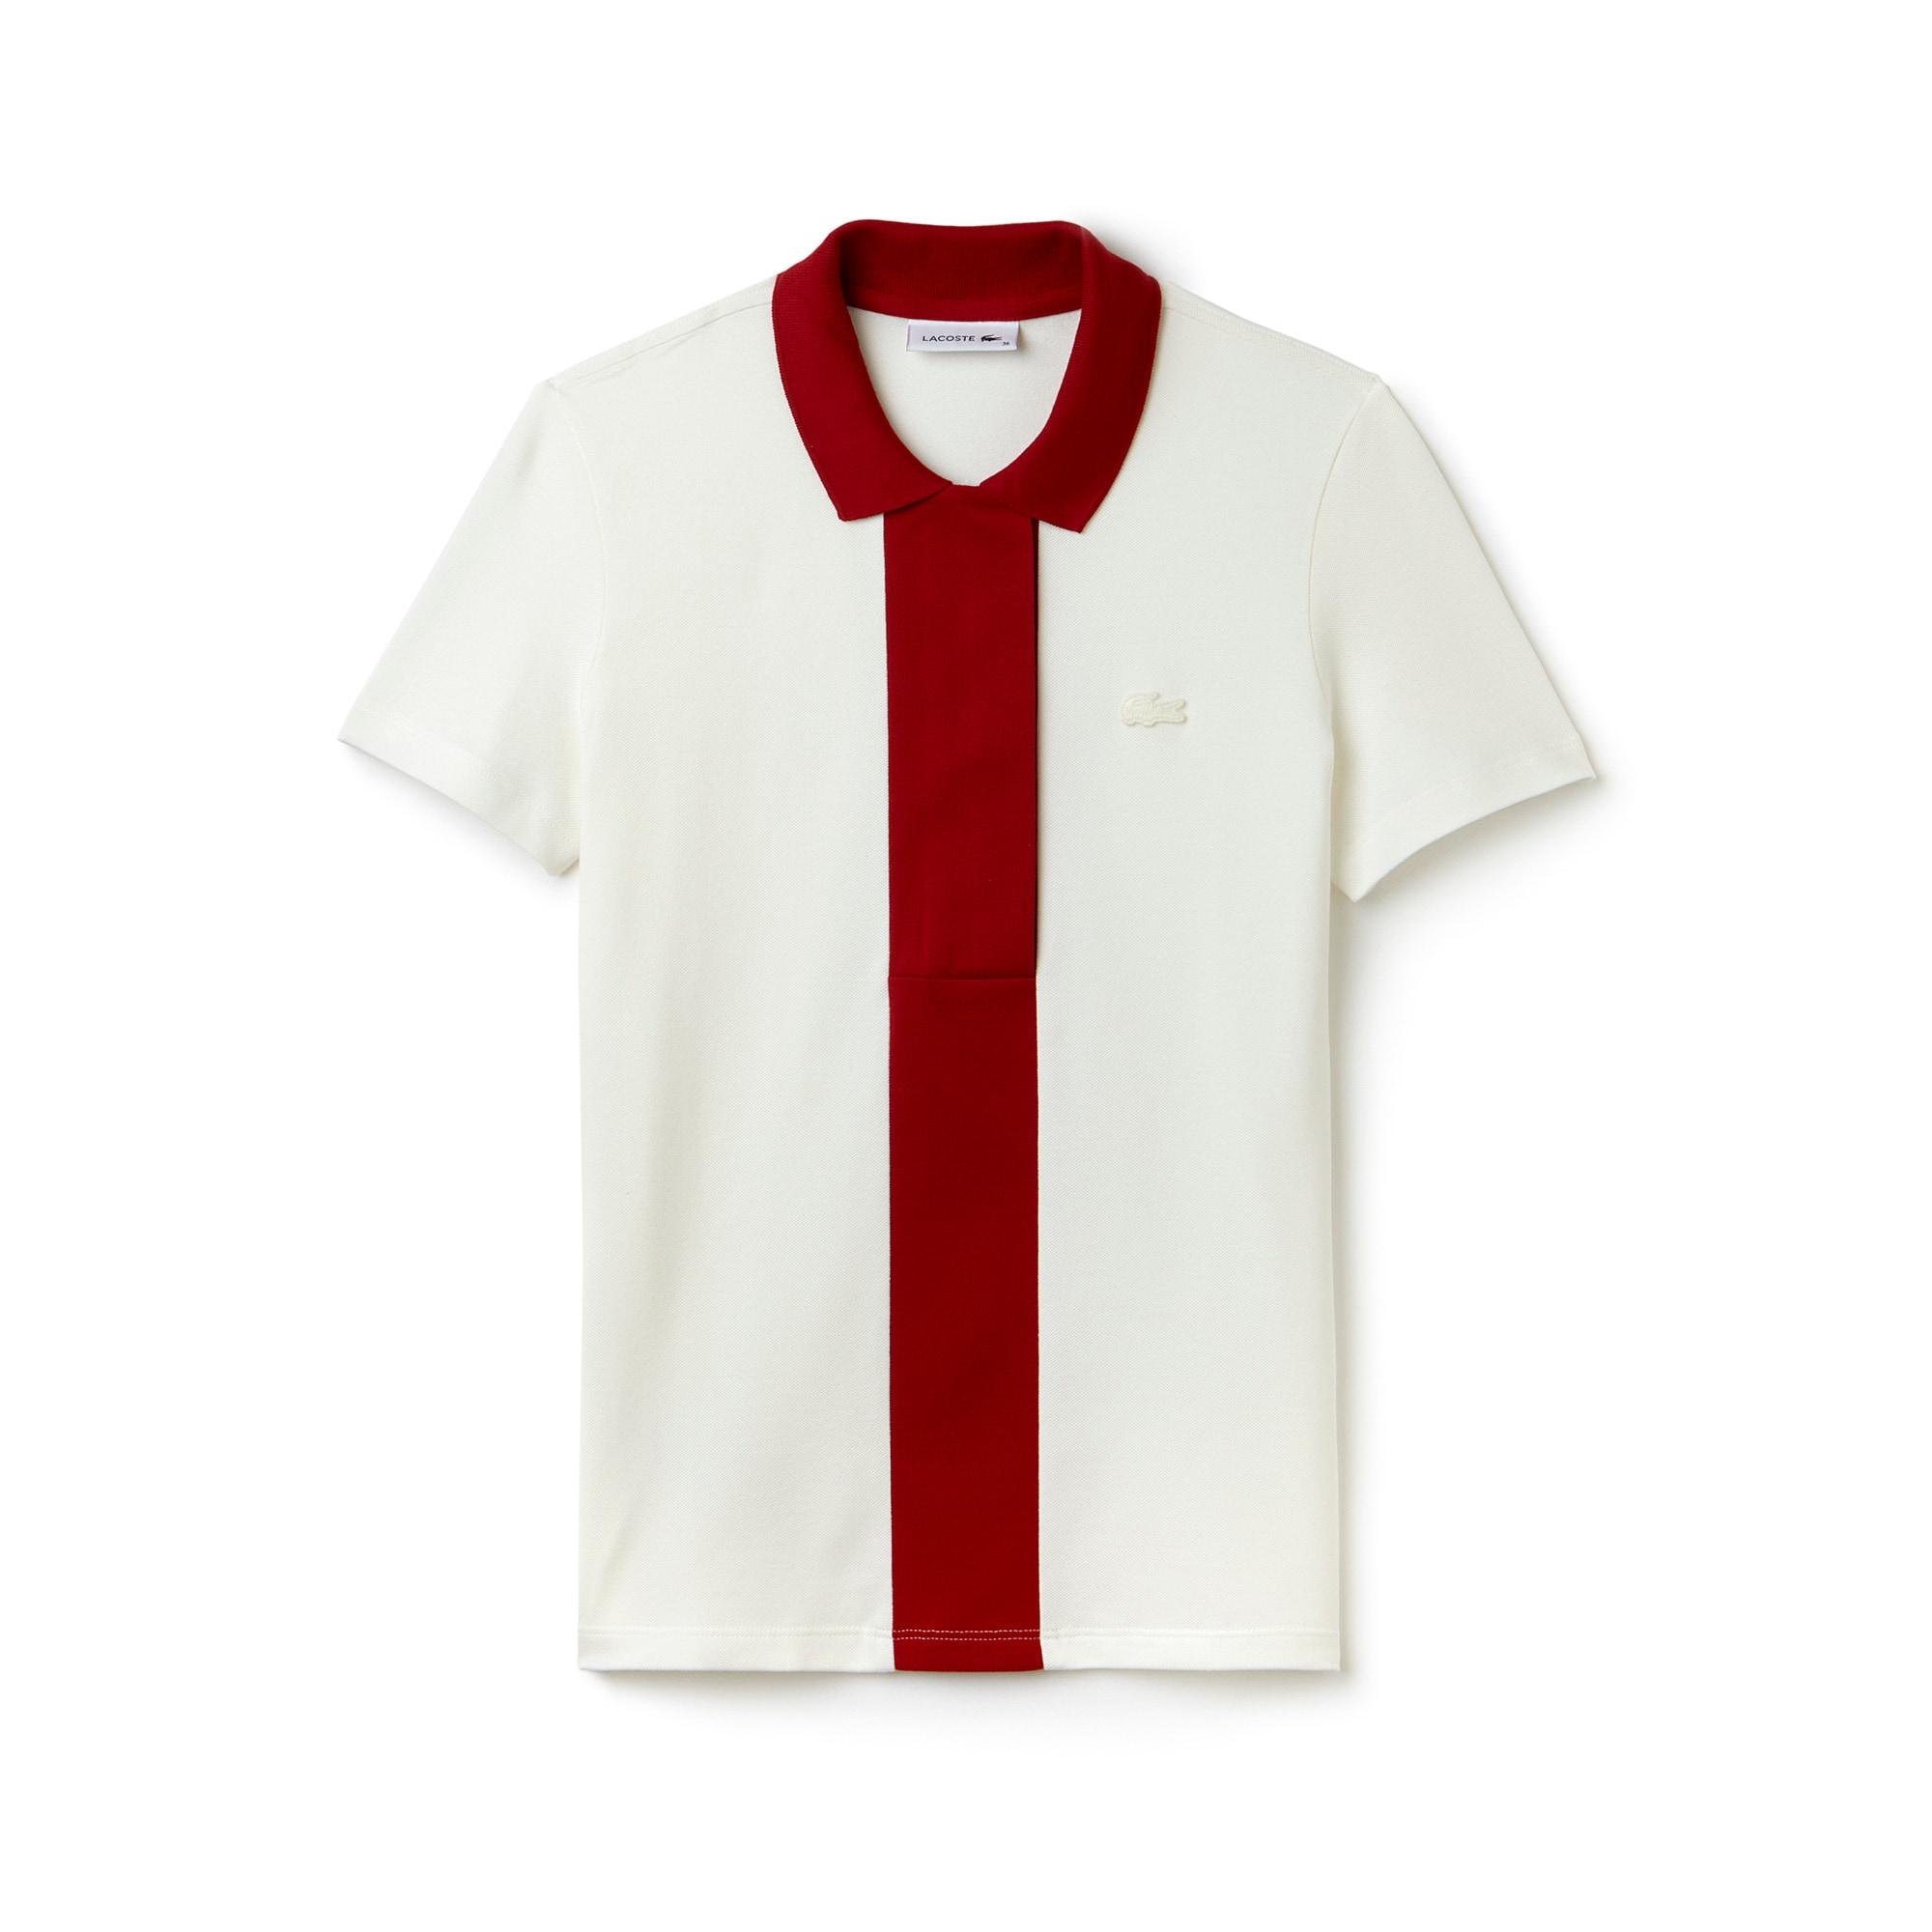 Women's Lacoste Slim Fit Colorblock Stretch Mini Cotton Piqué Polo